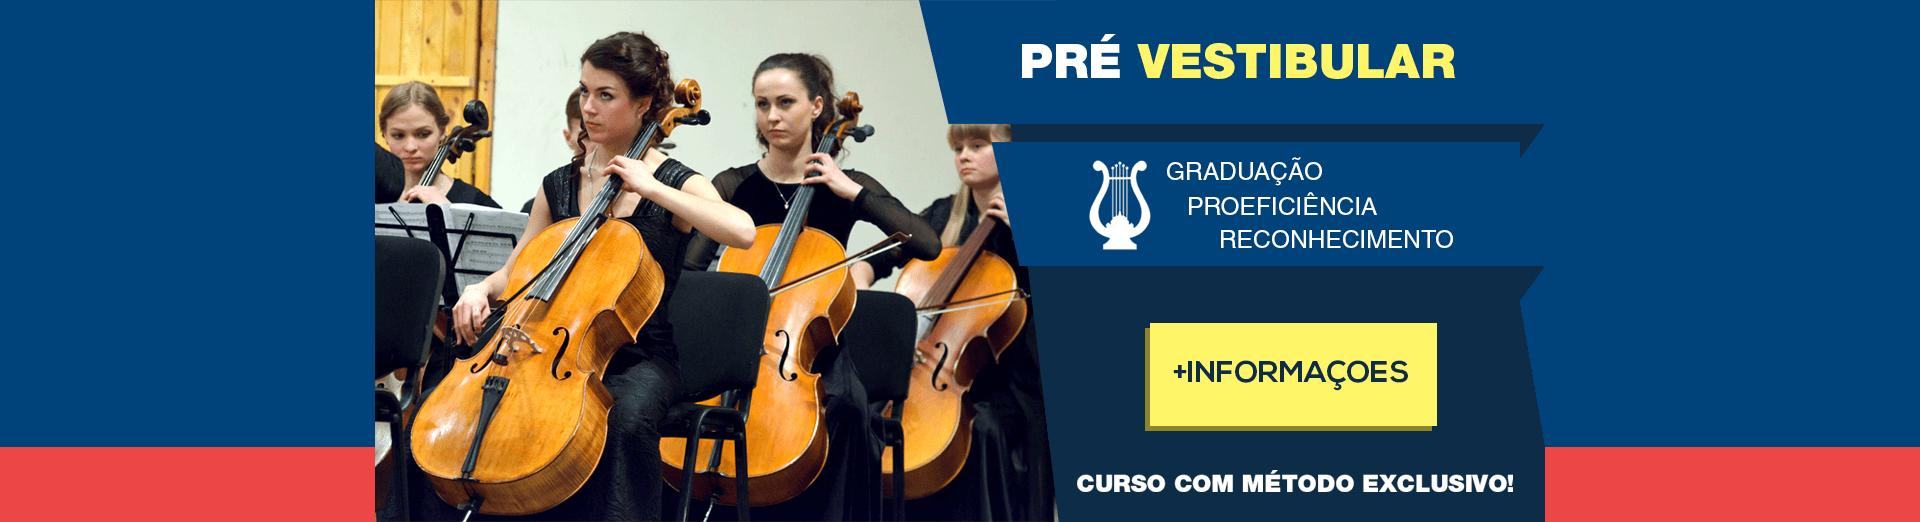 Pré Vestibular - Escola de Música – Blue Note Rio Preto